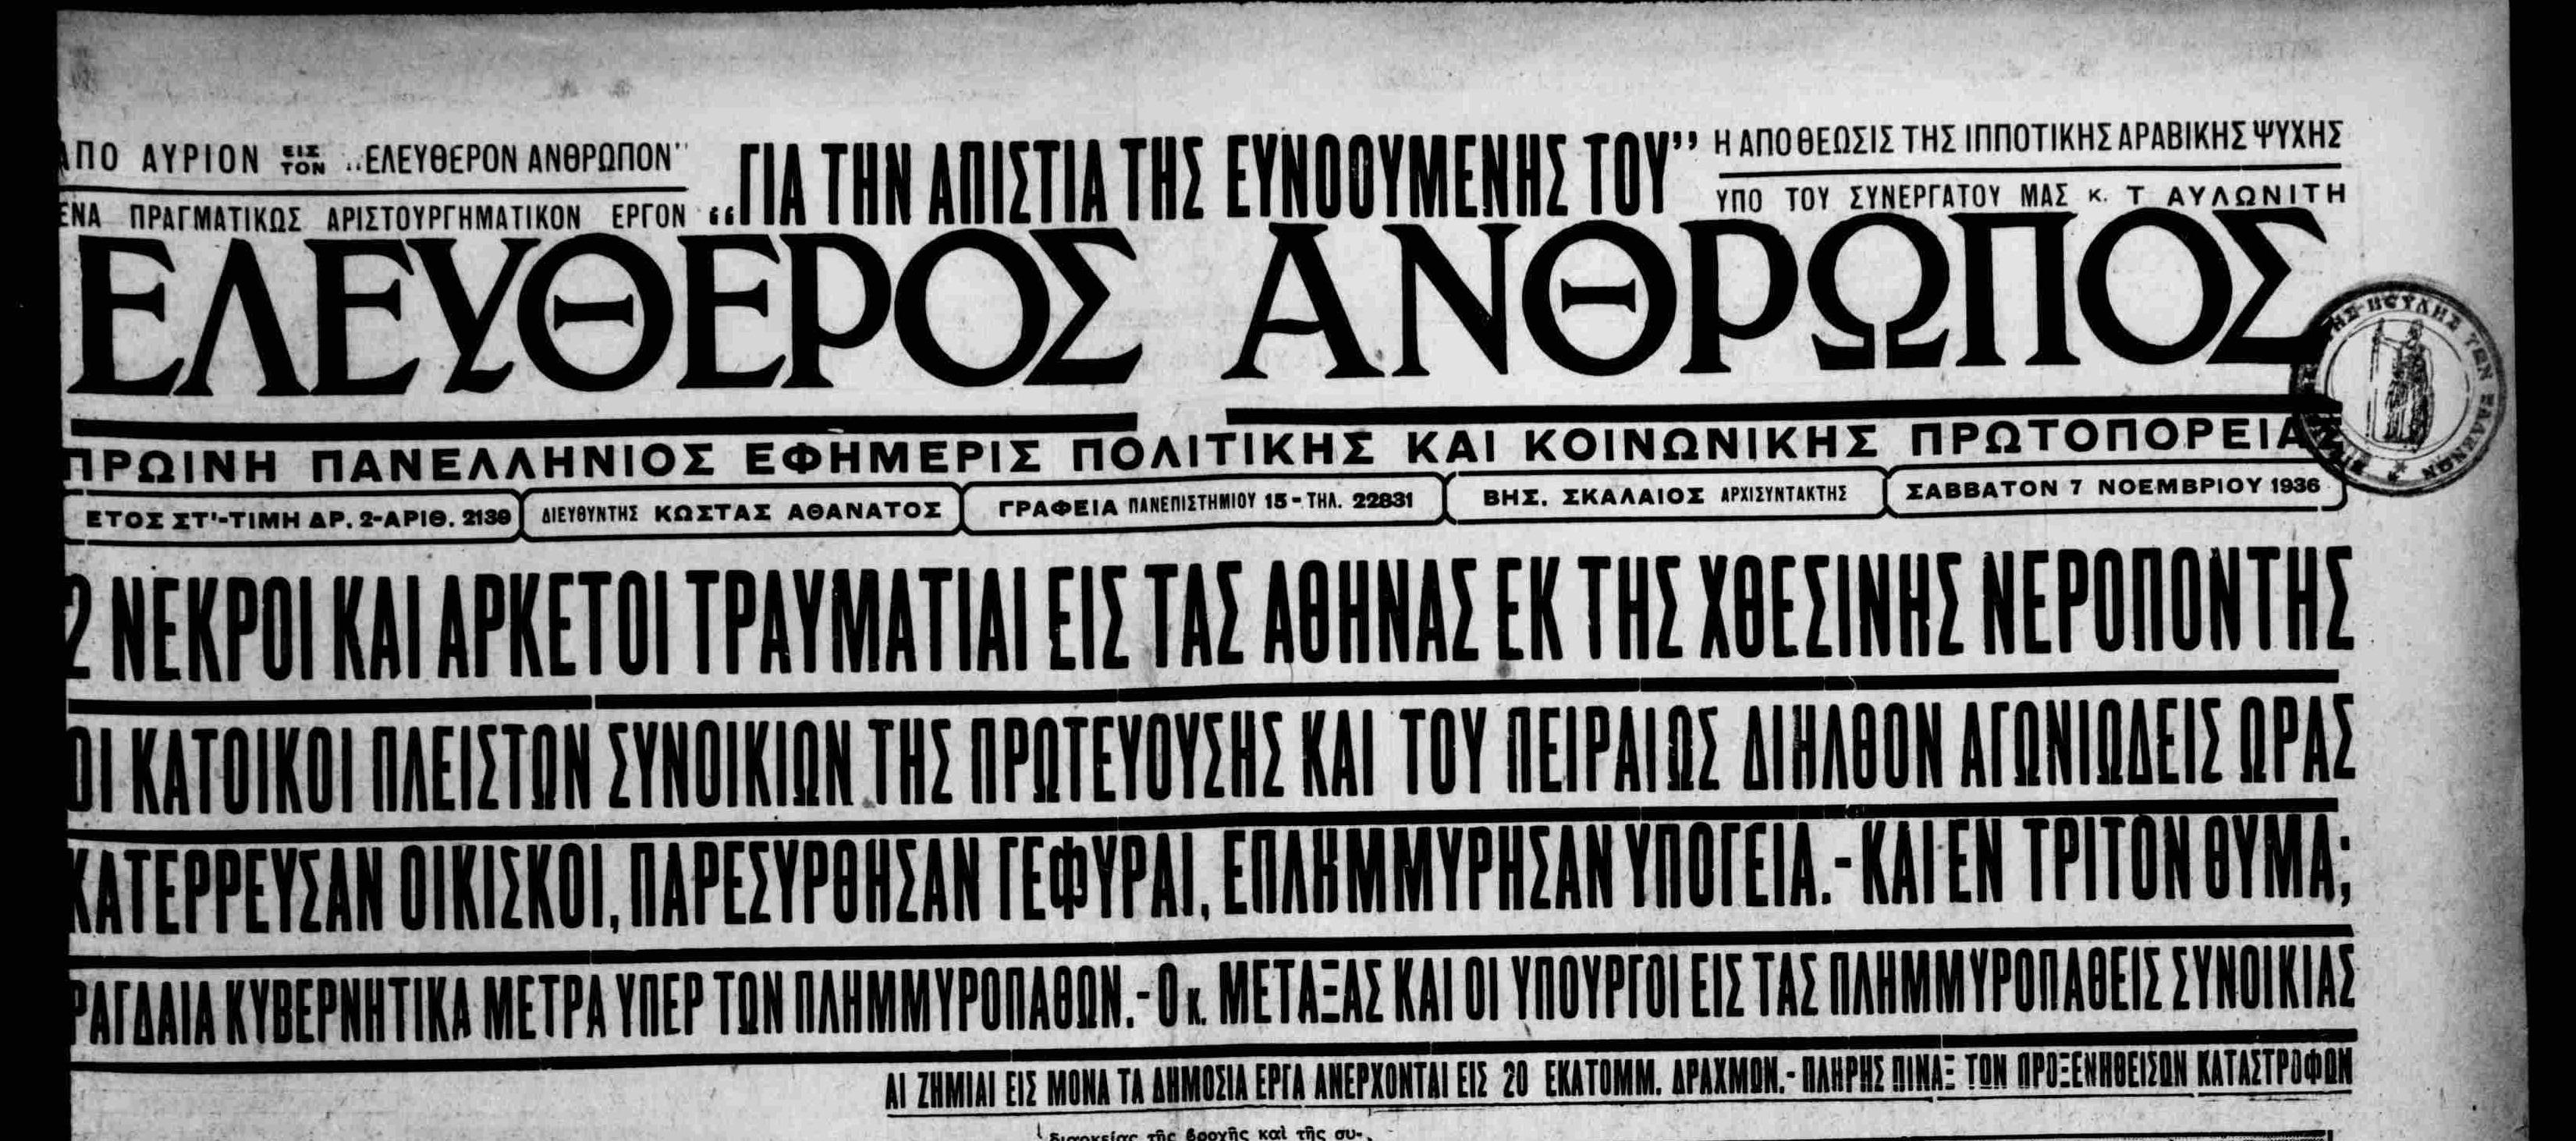 eleutheros-anthropos-07-11-1936a